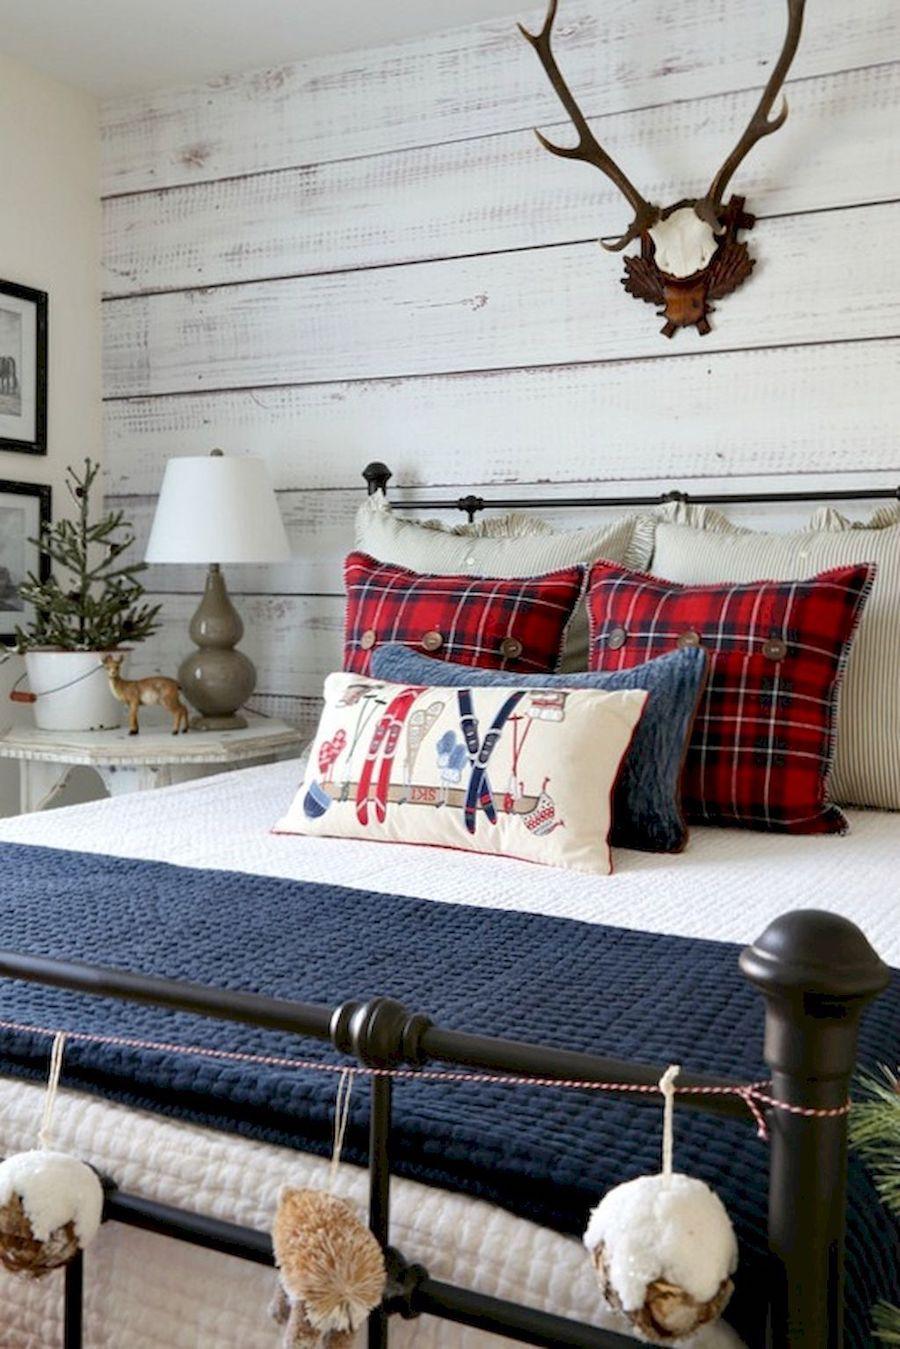 Modern Farmhouse Christmas Bedroom Decor